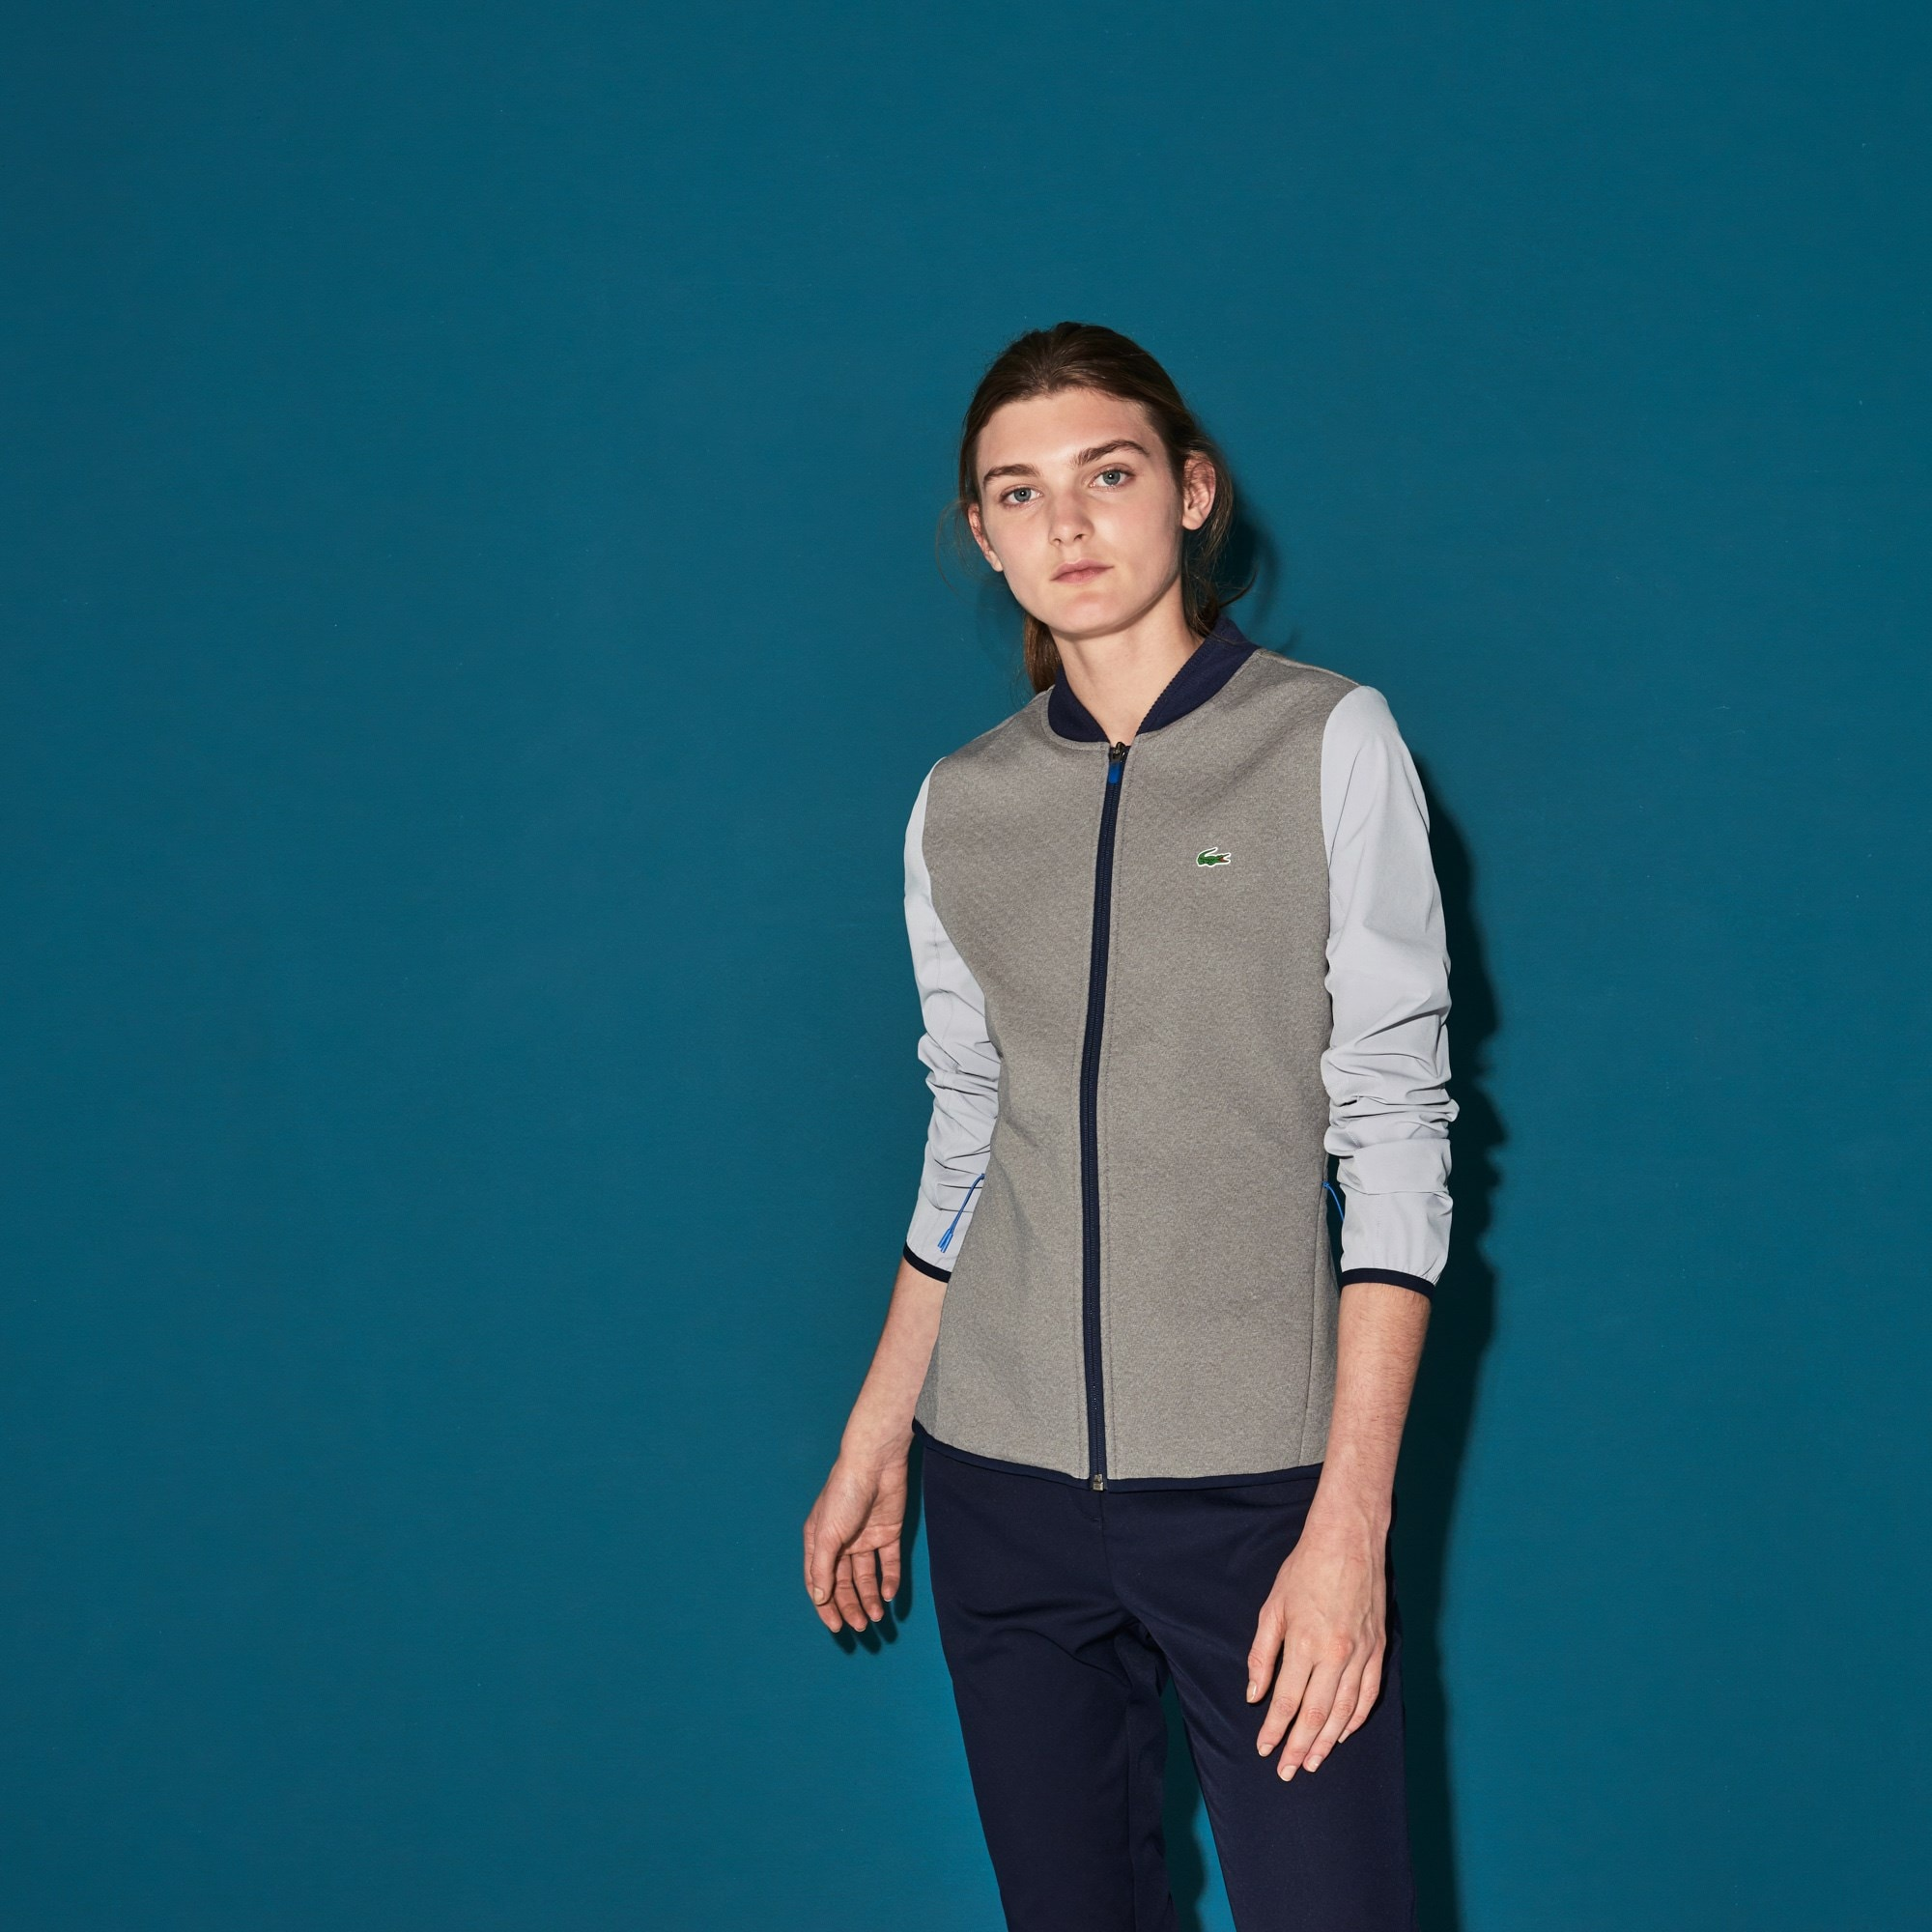 Women's Lacoste SPORT Water-Resistant Midlayer Zip Golf Sweatshirt